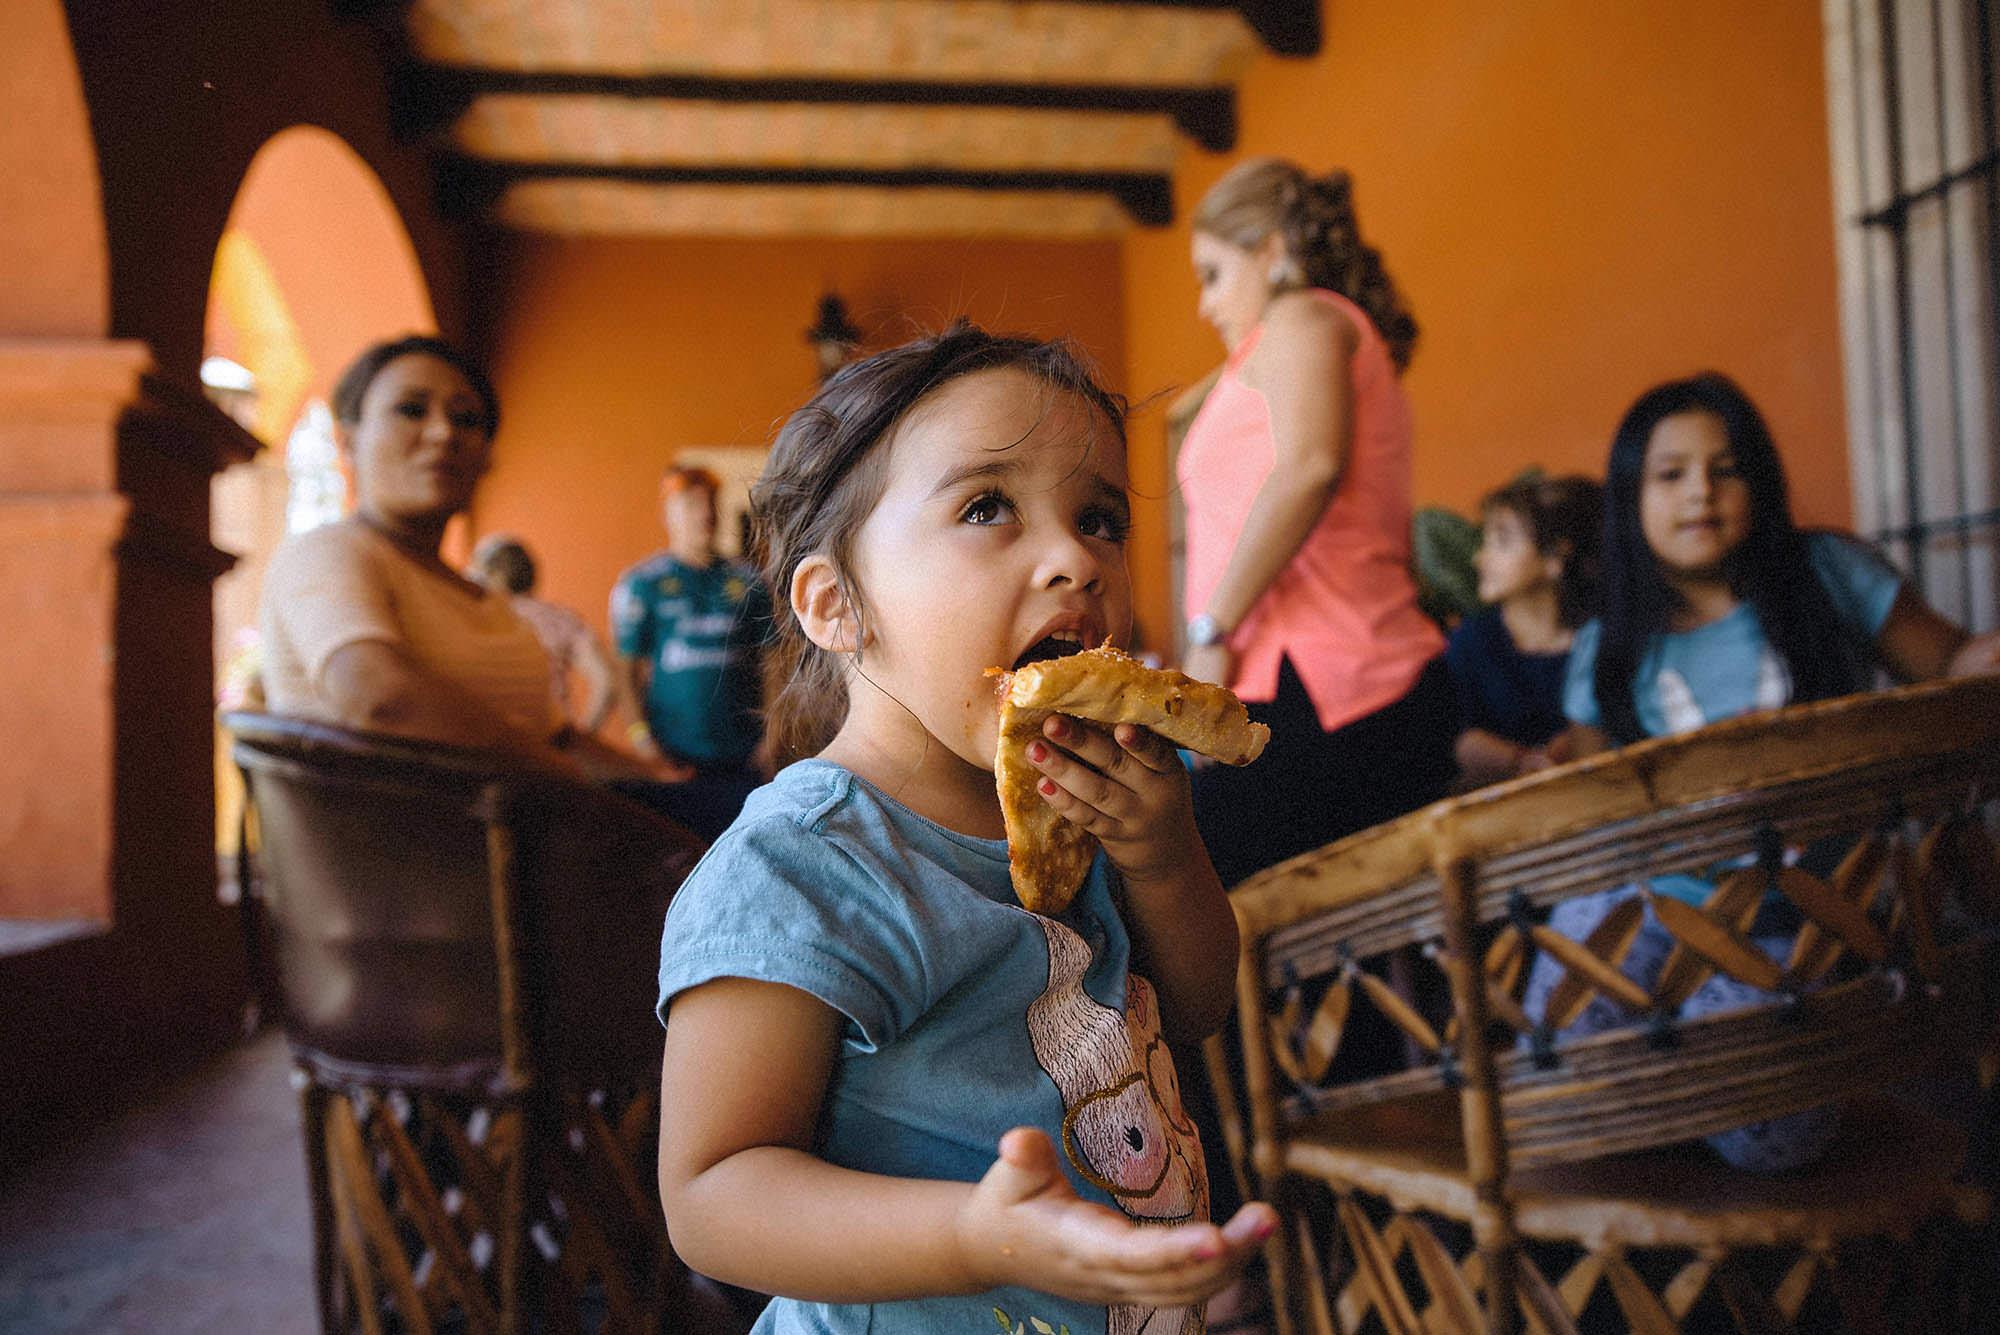 Boda Queretaro hacienda wedding planner magali espinosa fotografo 05-WEB.jpg